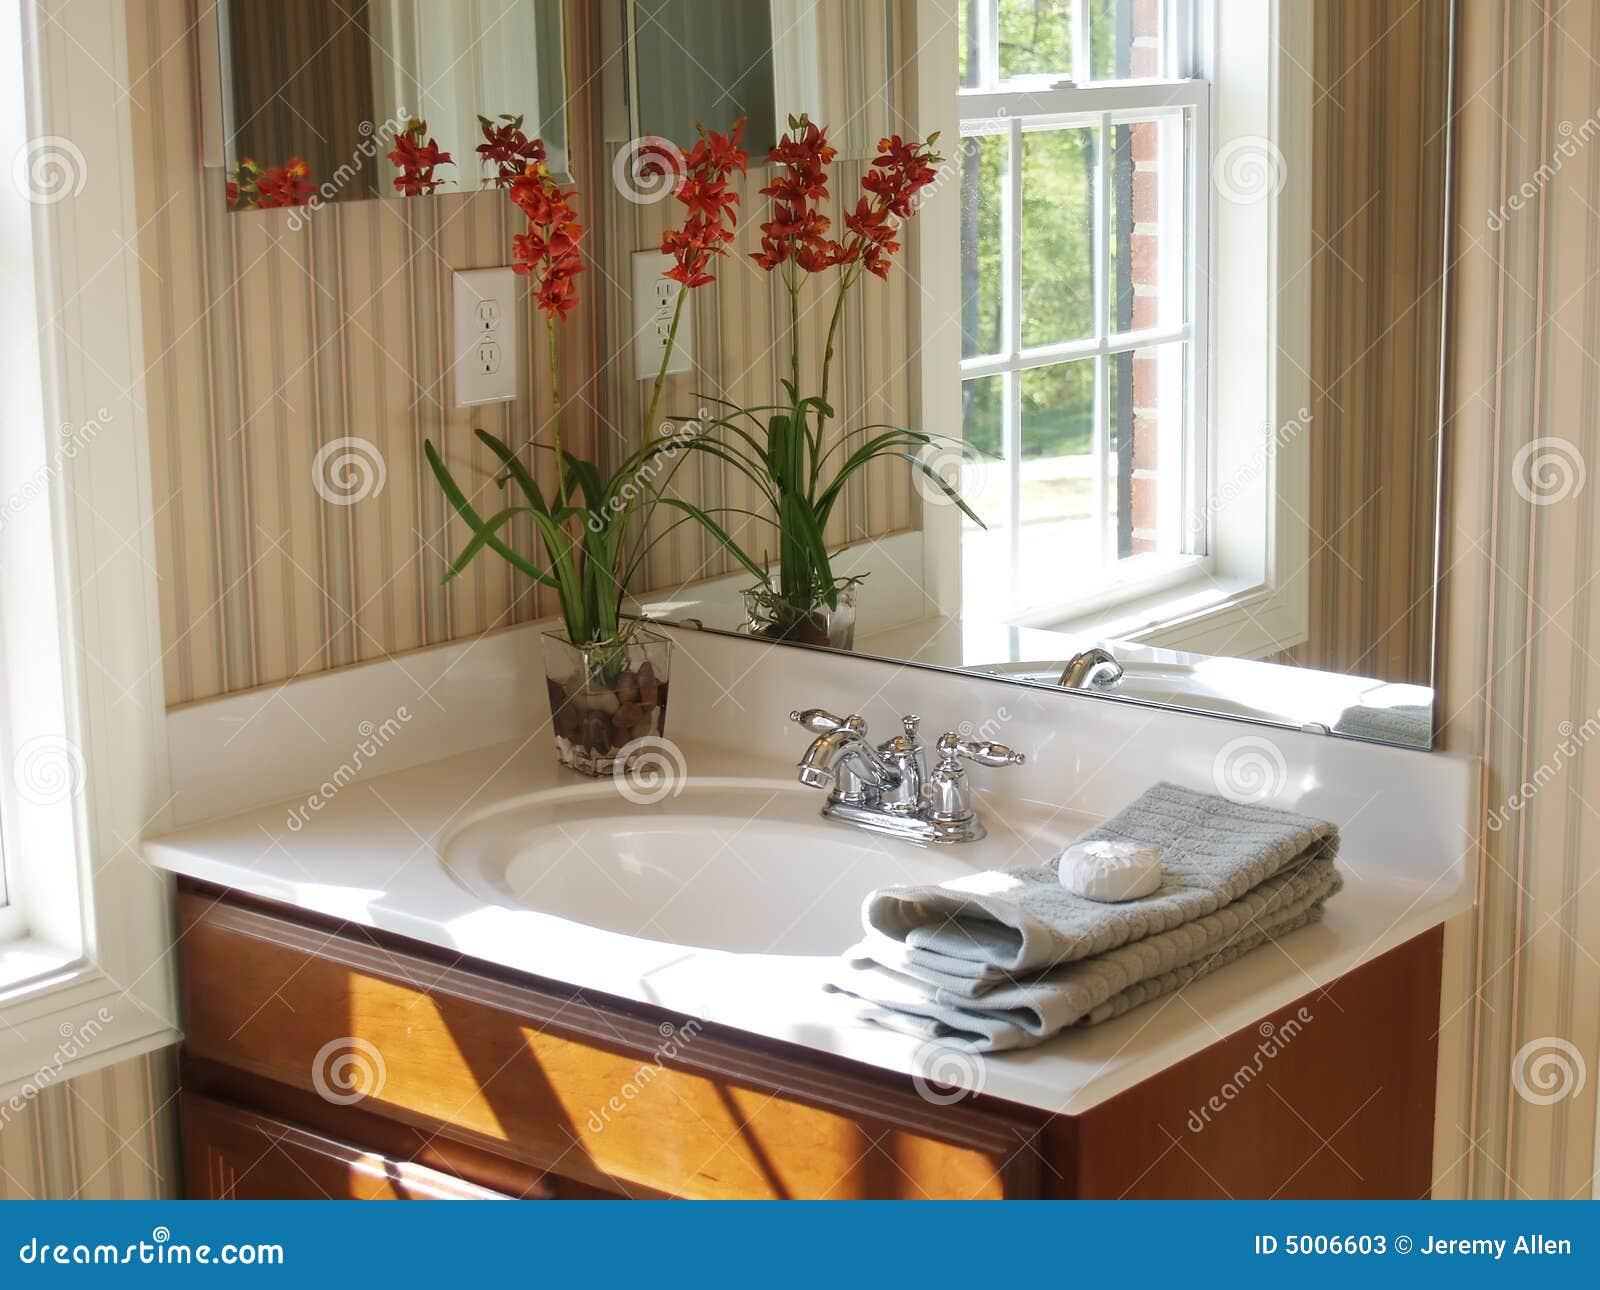 Mais imagens similares de ` Espelho do banheiro ` #AE6E1D 1300 1065